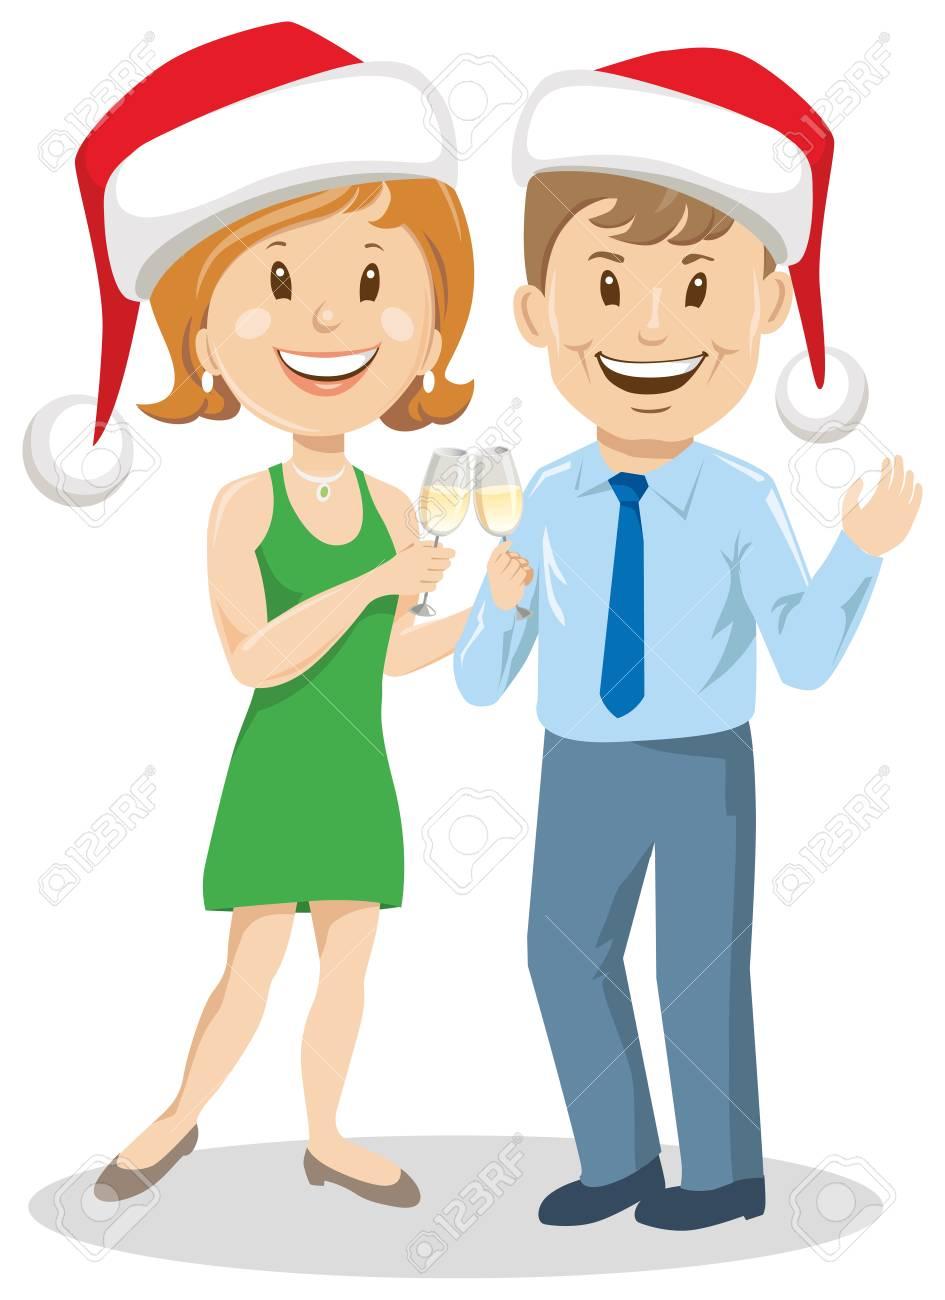 クリスマスの帽子、ワインのイラストとカップルの男女。 ロイヤリティ